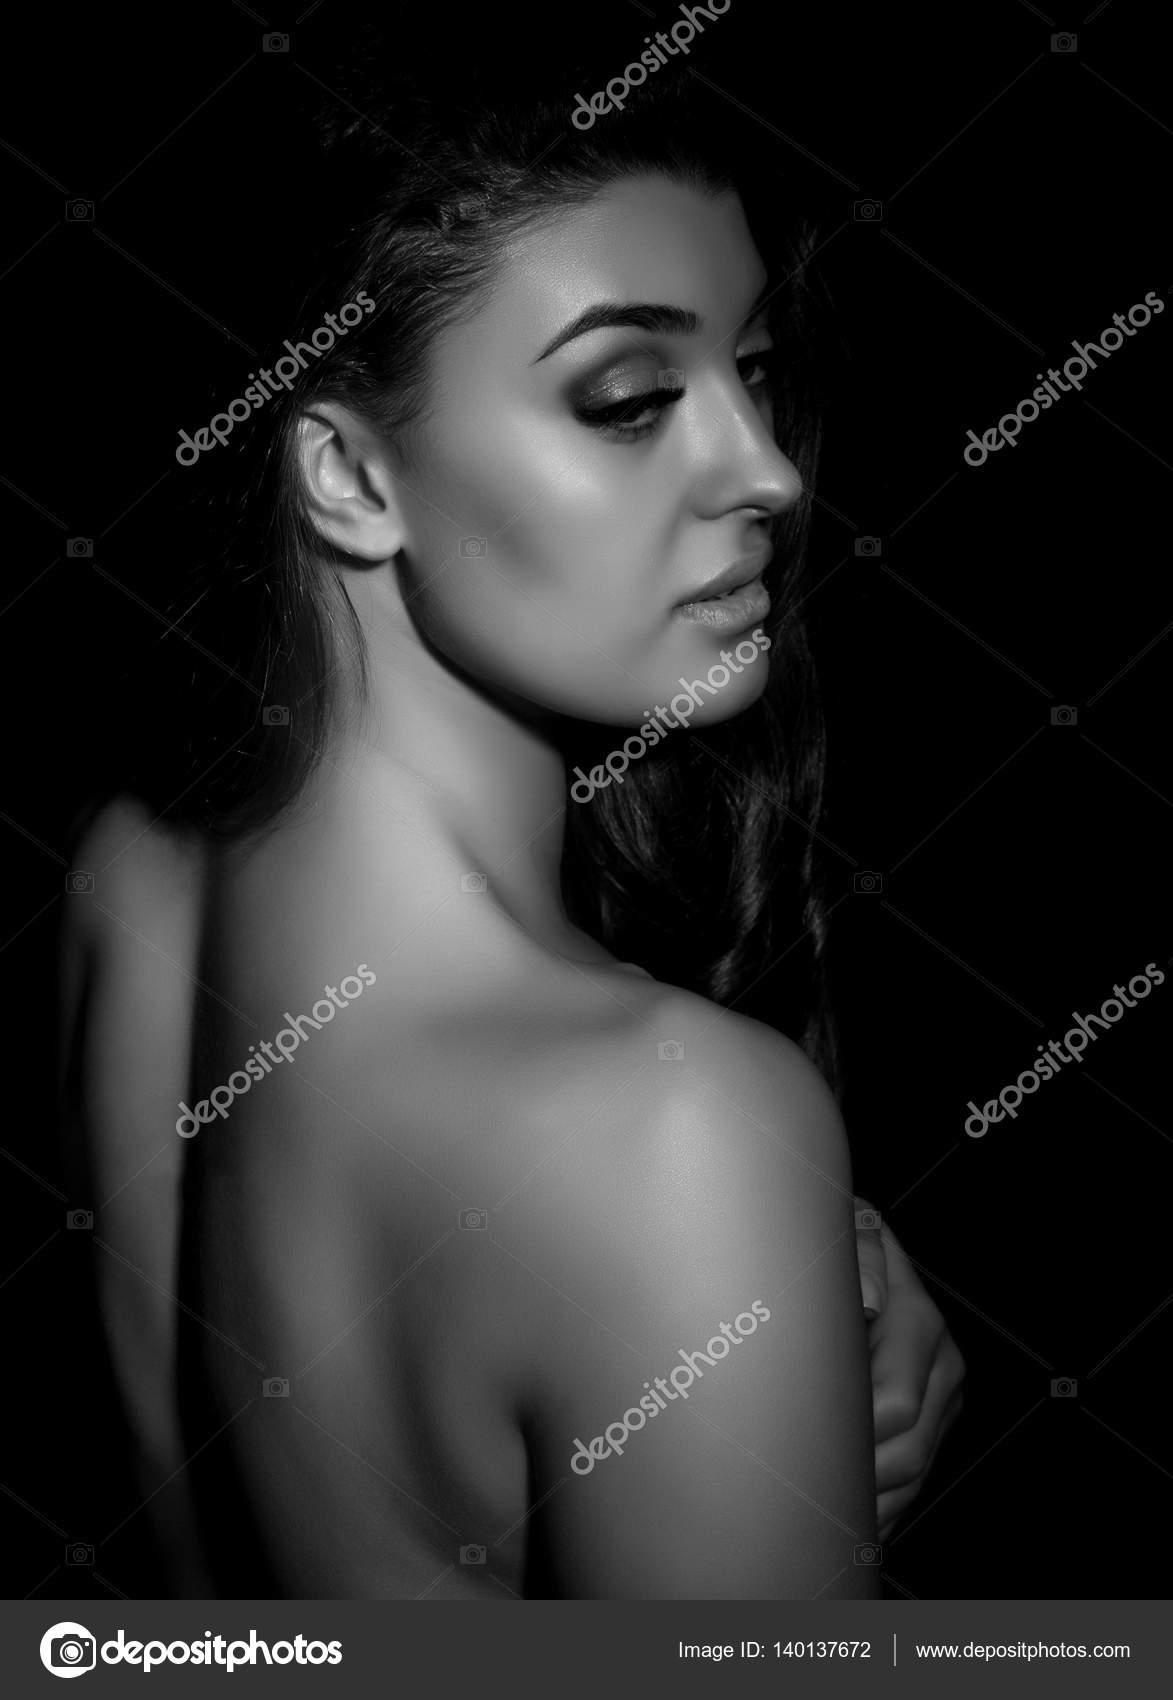 Fekete gyönyörű nők meztelenül